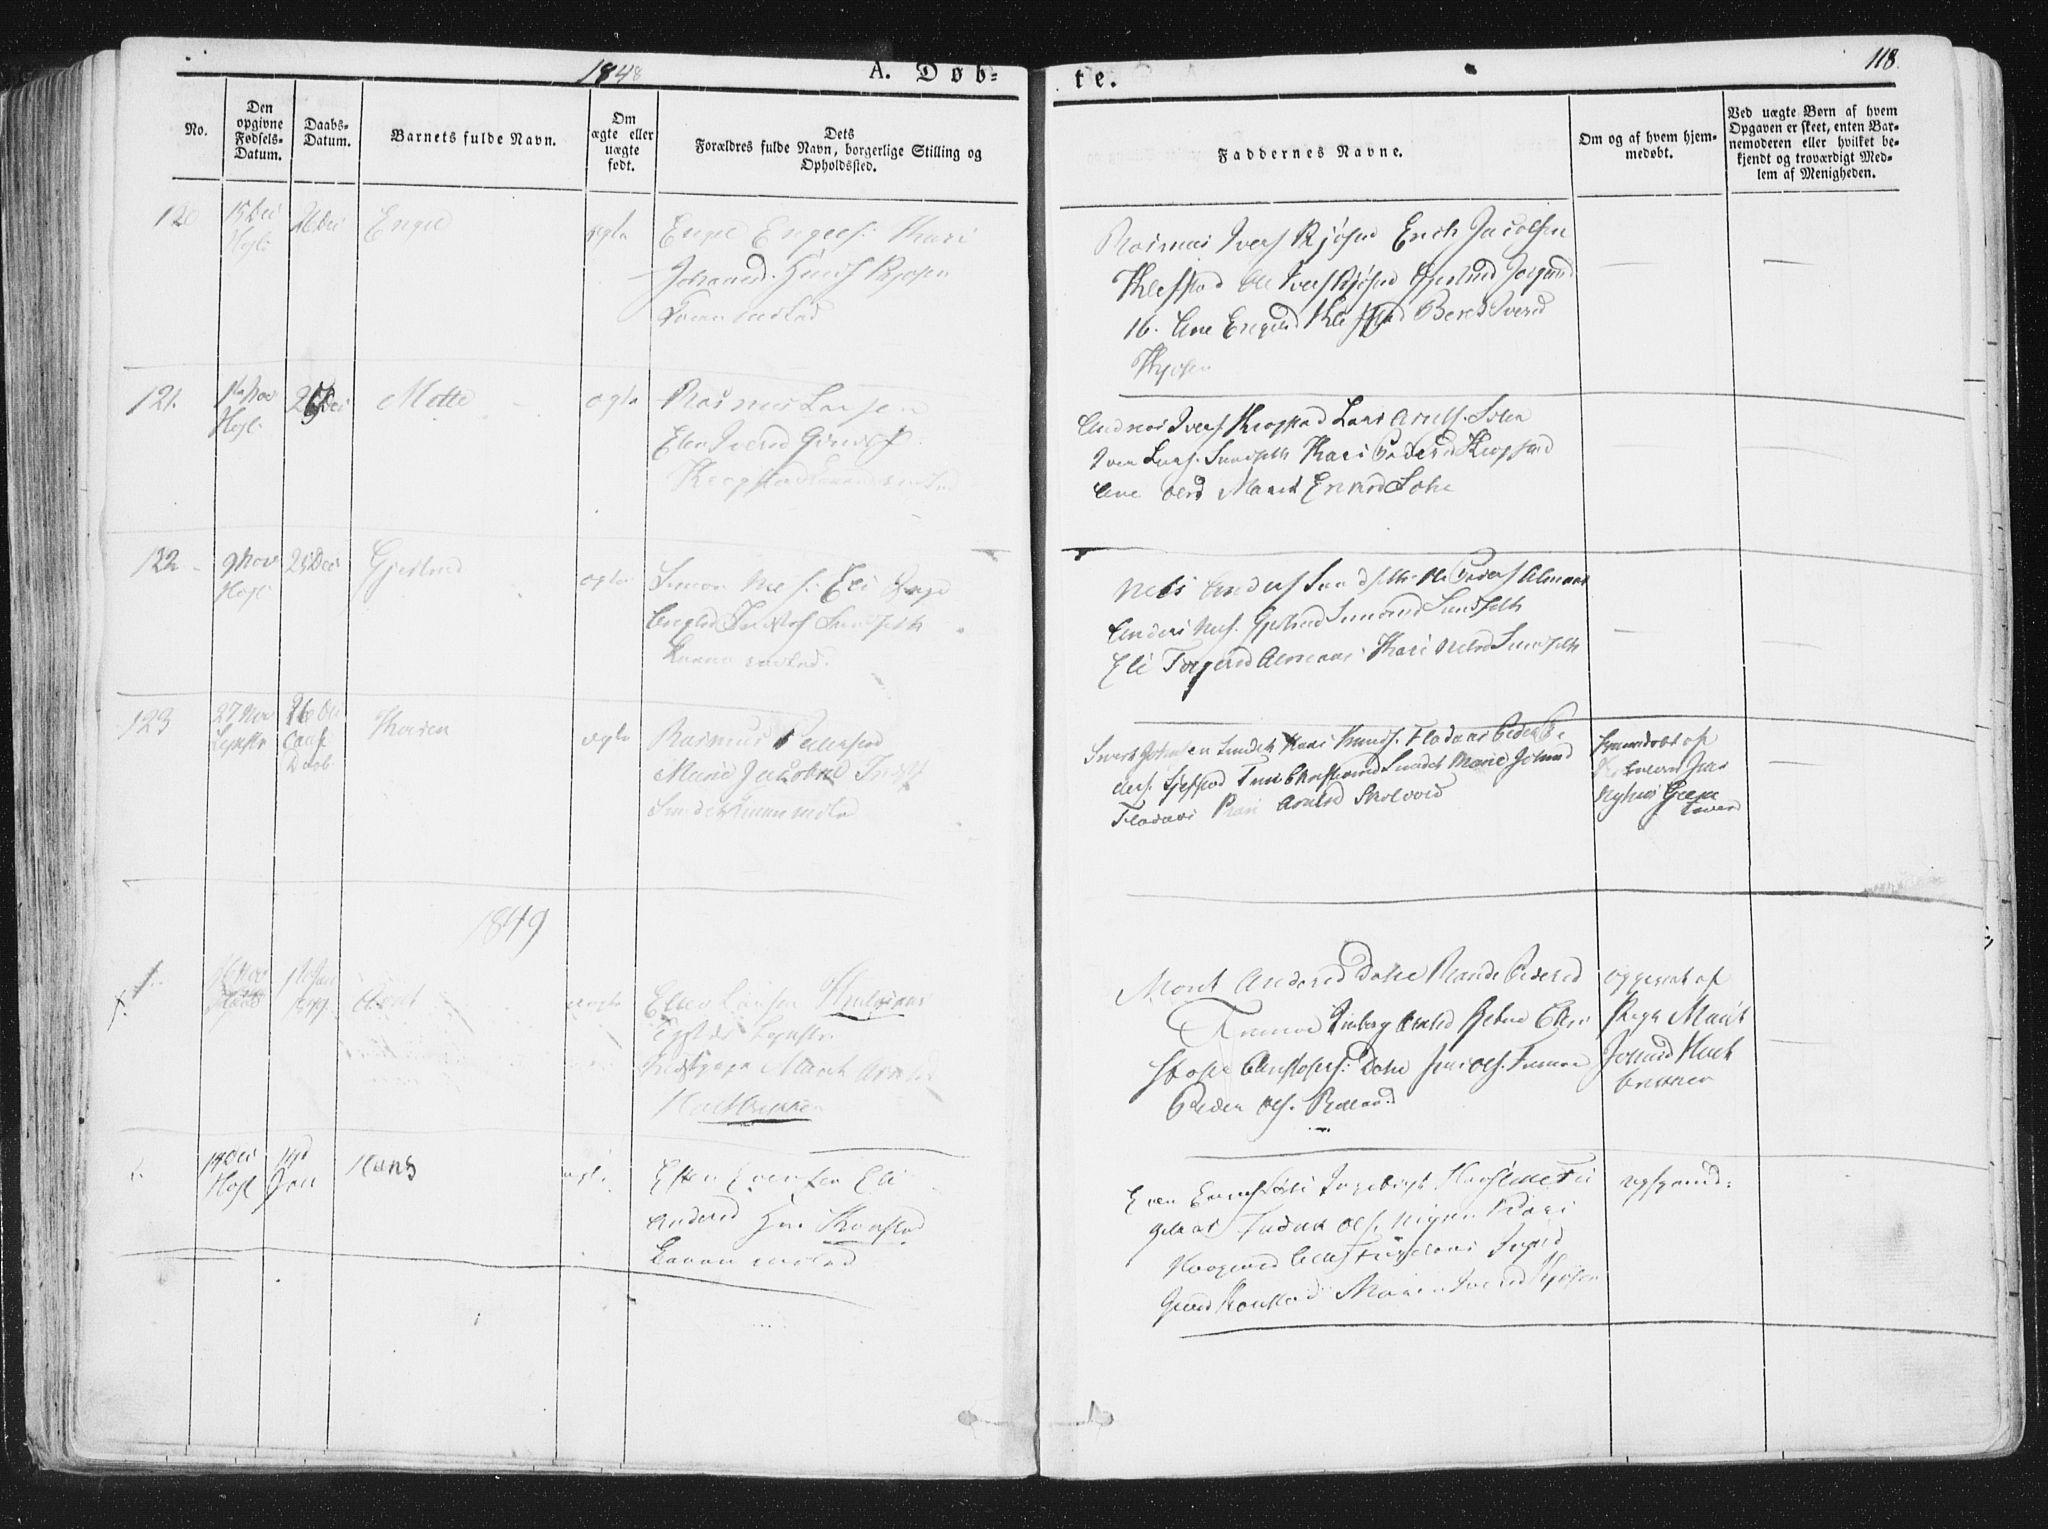 SAT, Ministerialprotokoller, klokkerbøker og fødselsregistre - Sør-Trøndelag, 691/L1074: Ministerialbok nr. 691A06, 1842-1852, s. 118